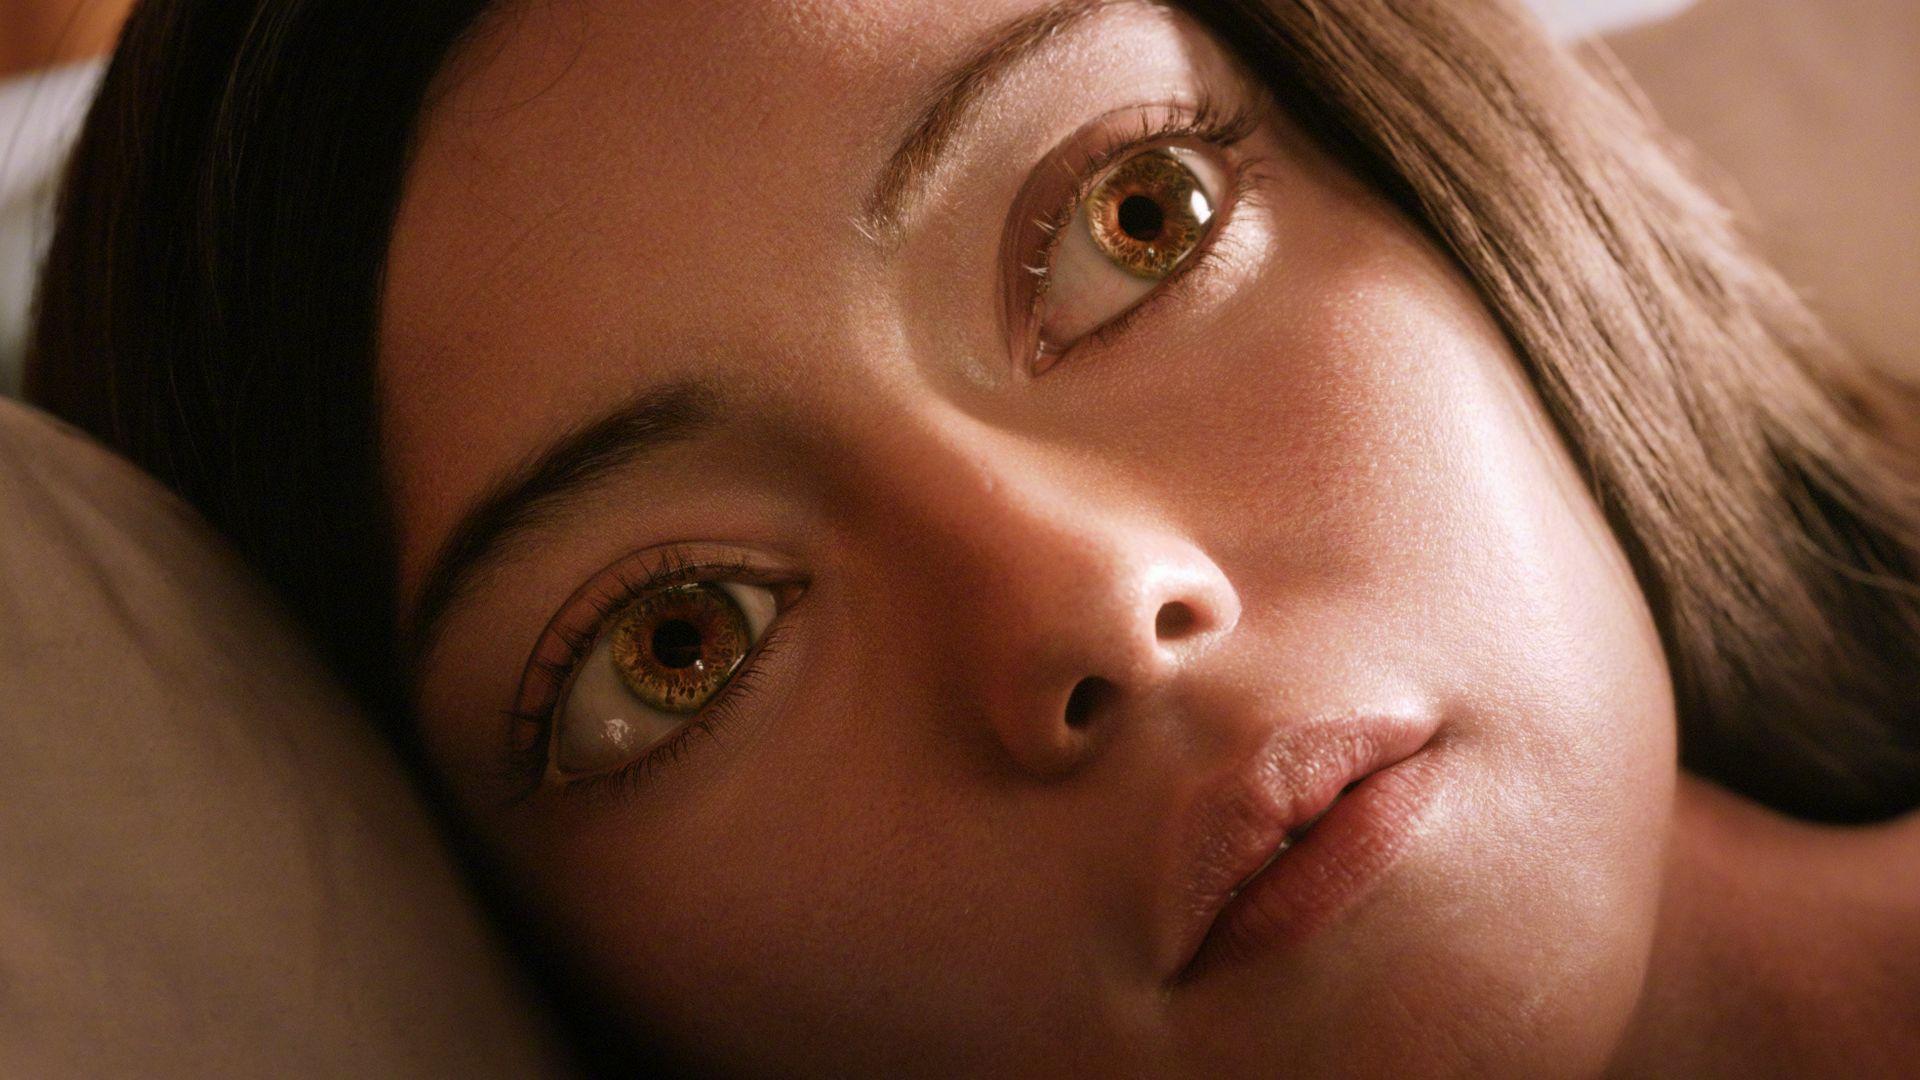 《阿丽塔》里很多细节都是围绕着面部表情进行的,所以维塔花了很多图片